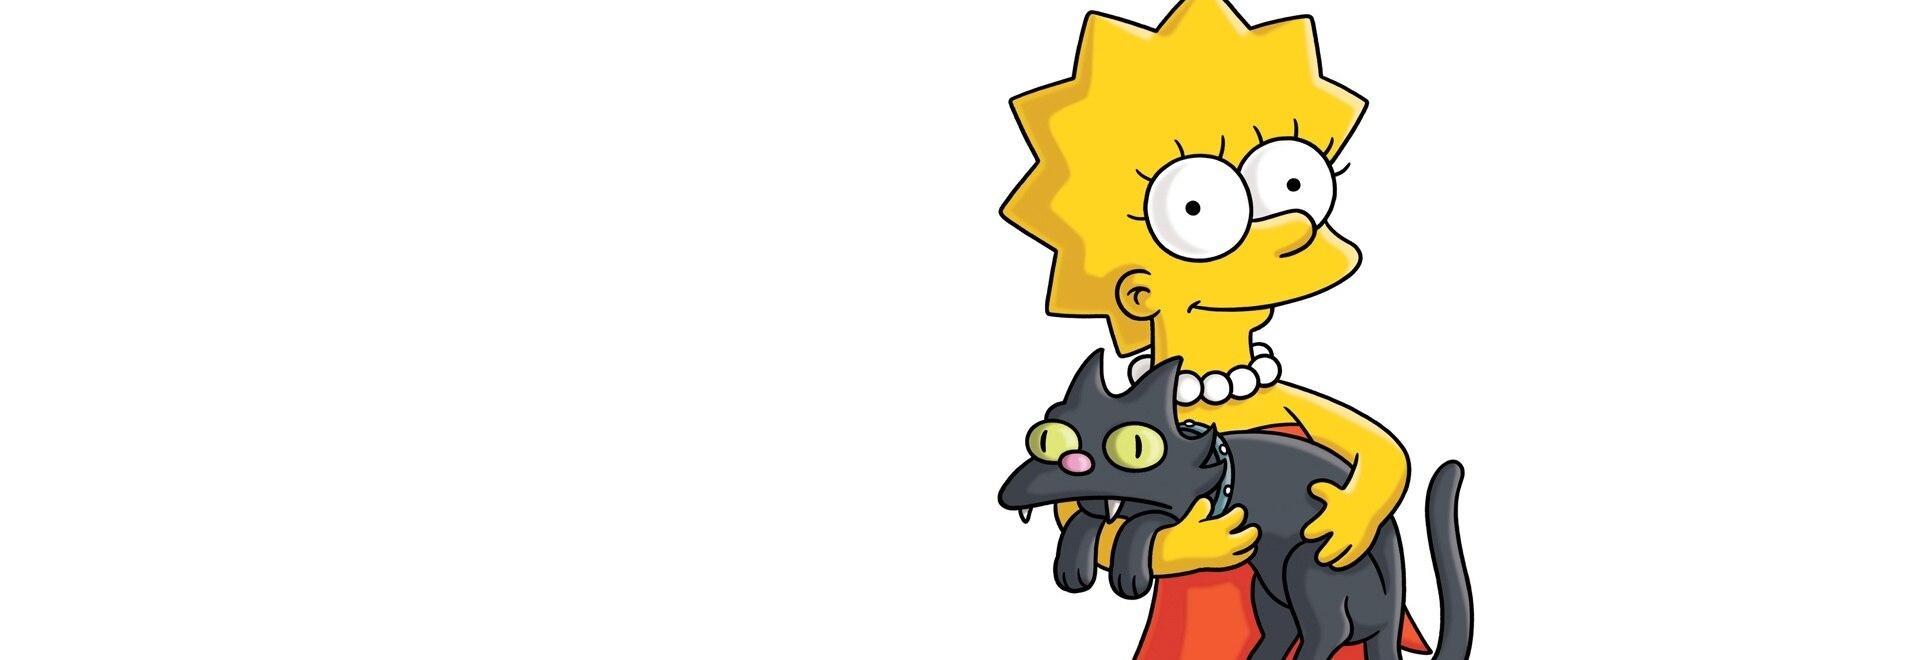 Homer, ti prego, non li martellare